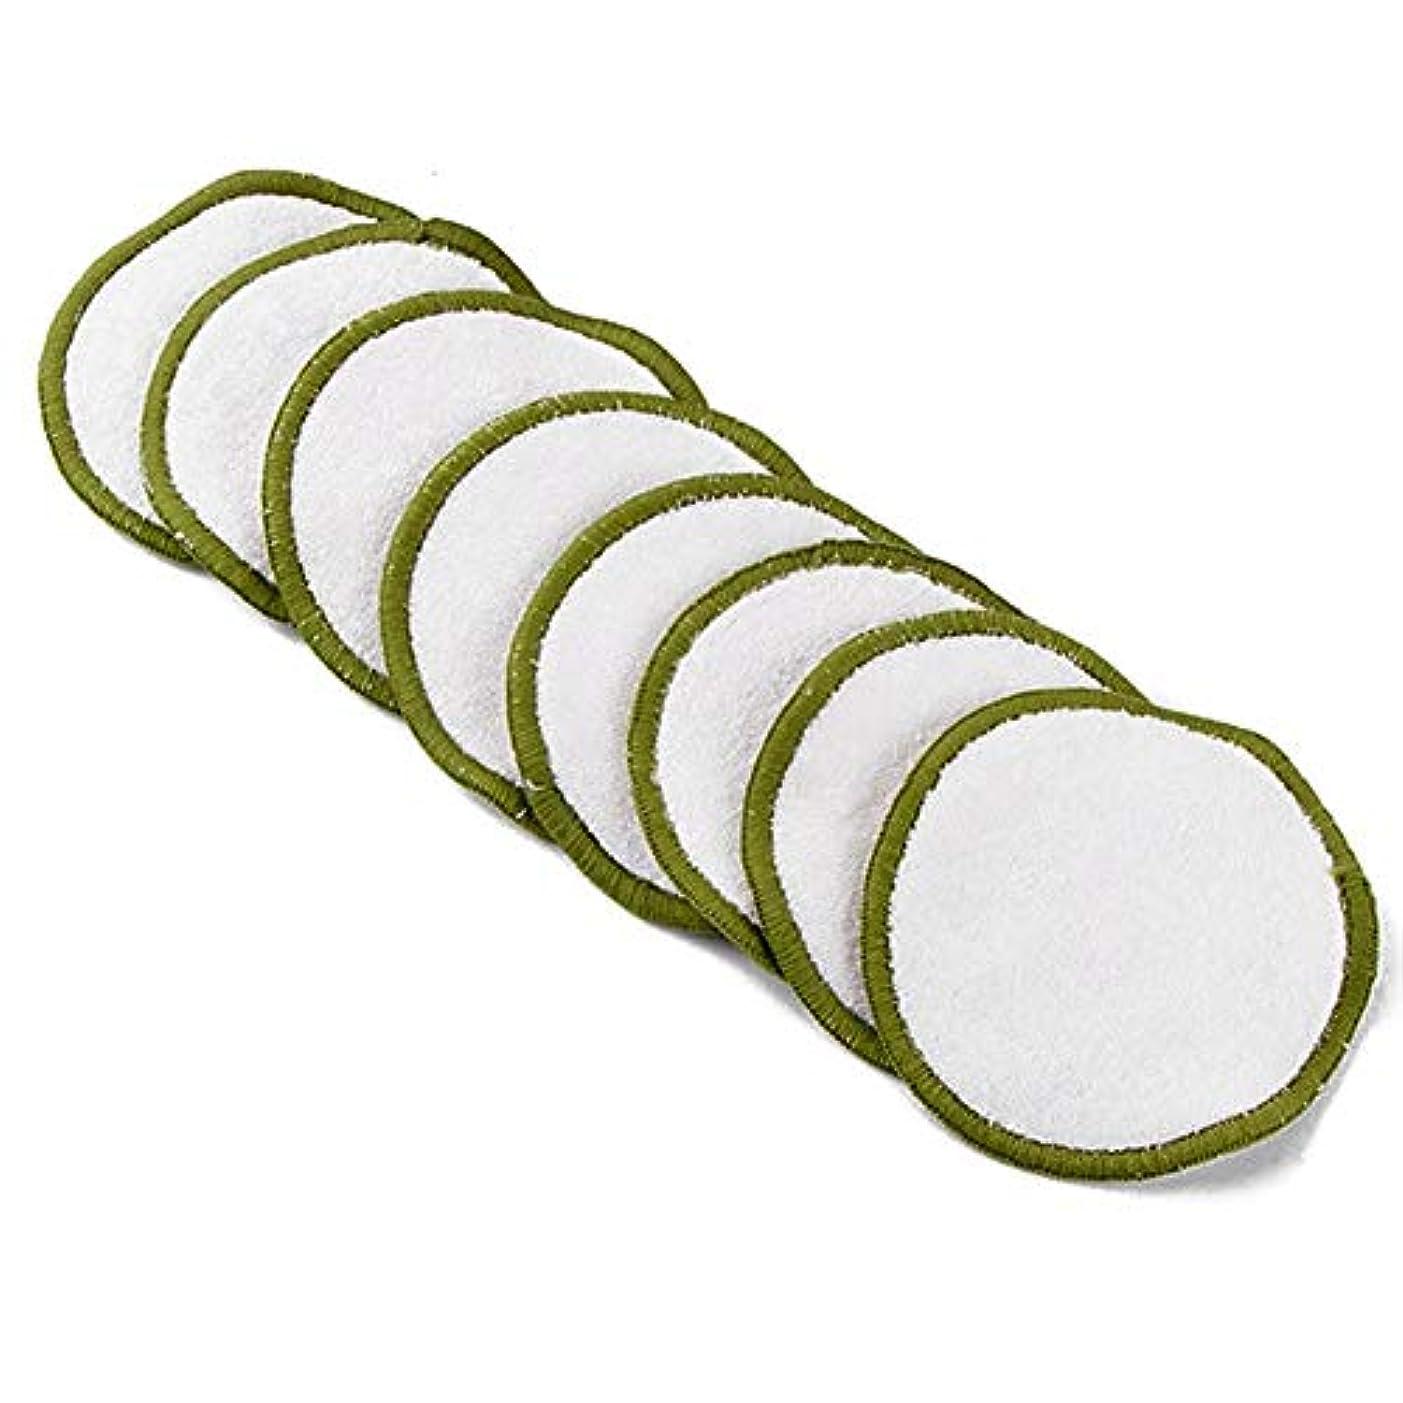 薄いです兄私たちの16個の竹繊維化粧リムーバー洗える竹繊維化粧リムーバー綿パッド化粧リムーバーパッド(16竹繊維+綿メッシュバッグ)